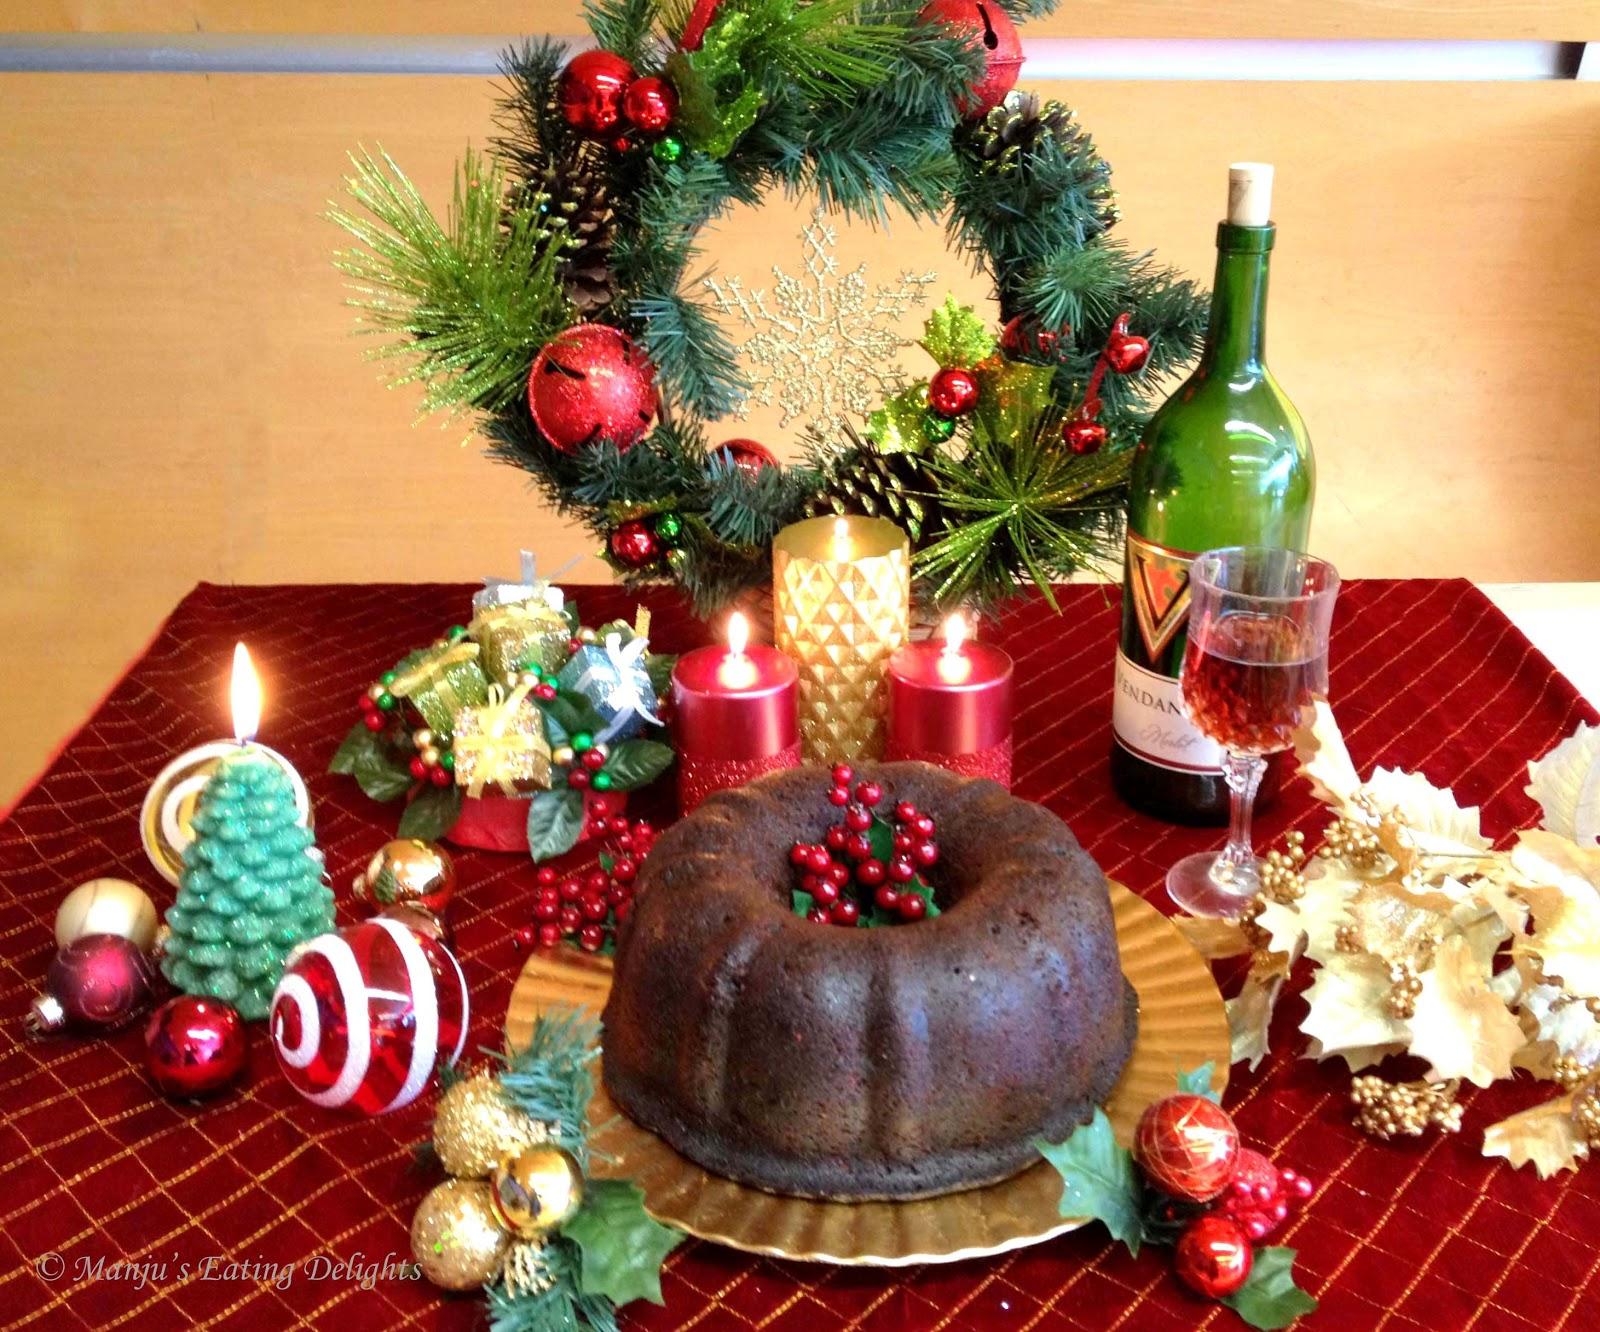 http://1.bp.blogspot.com/-fRe2OhiRzYM/UNAQEXP3NqI/AAAAAAAALAk/7glur-rCcOQ/s1600/Manju-+Fruit+Cake.jpg